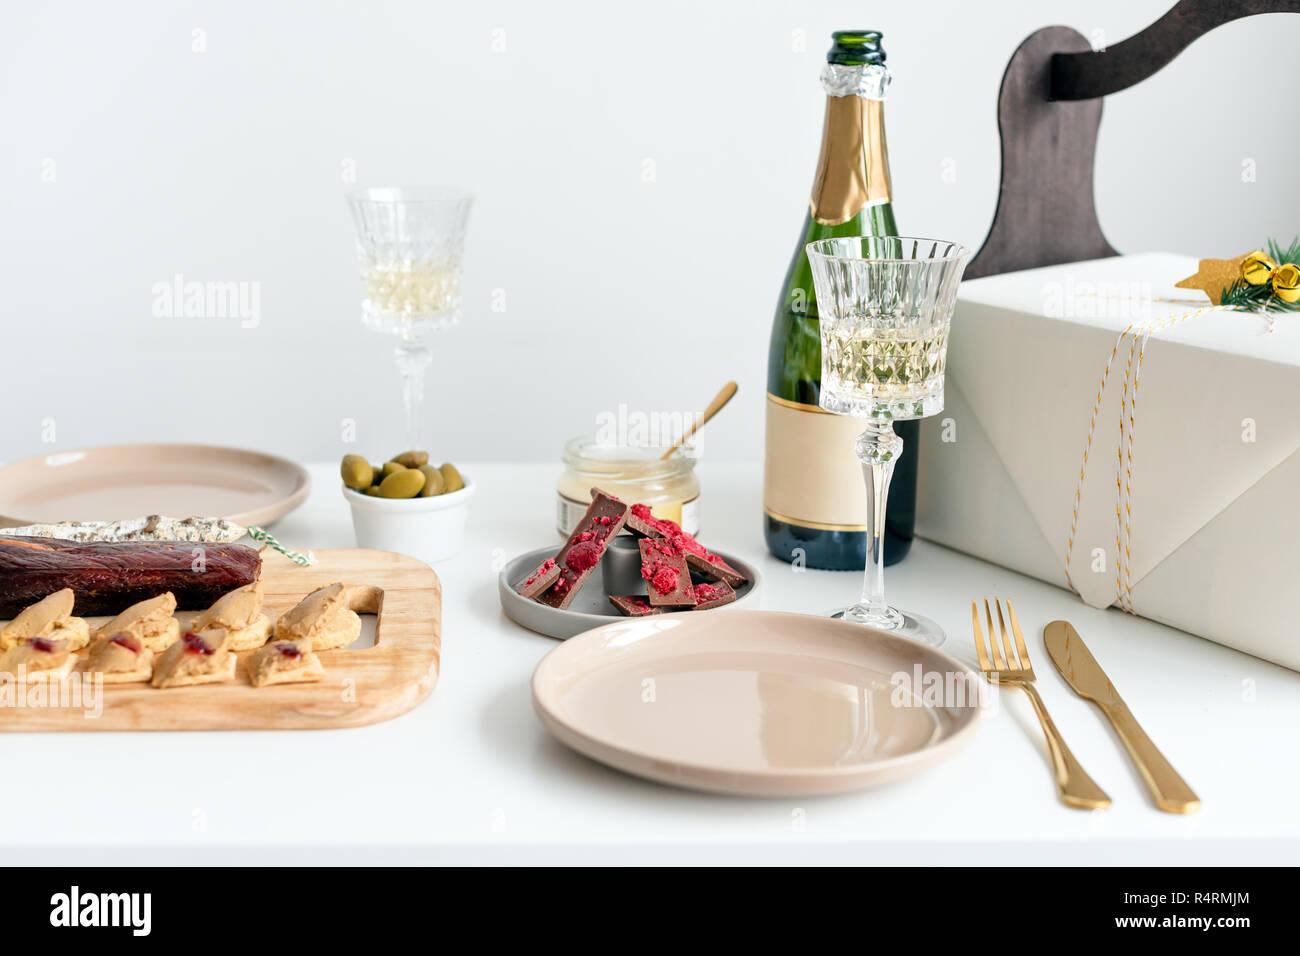 Geschenkideen Weihnachten Essen.Neues Jahr Champagner Und Vintage Französische Gläser Essen Für